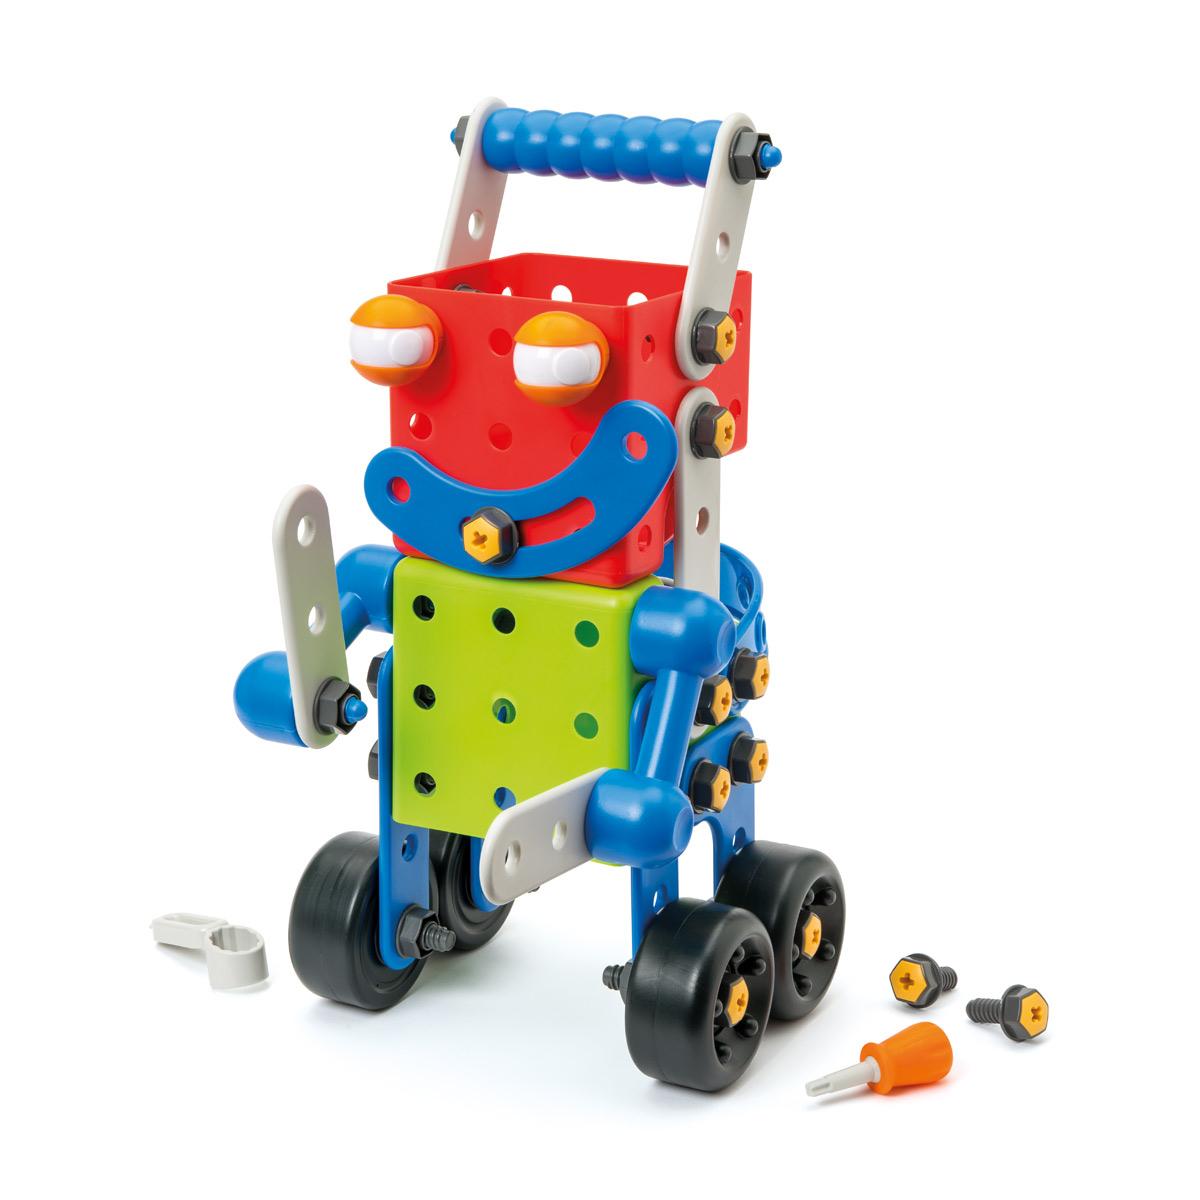 Robot Build It Géant 81 Pièces intérieur Jeux Voiture Bebe